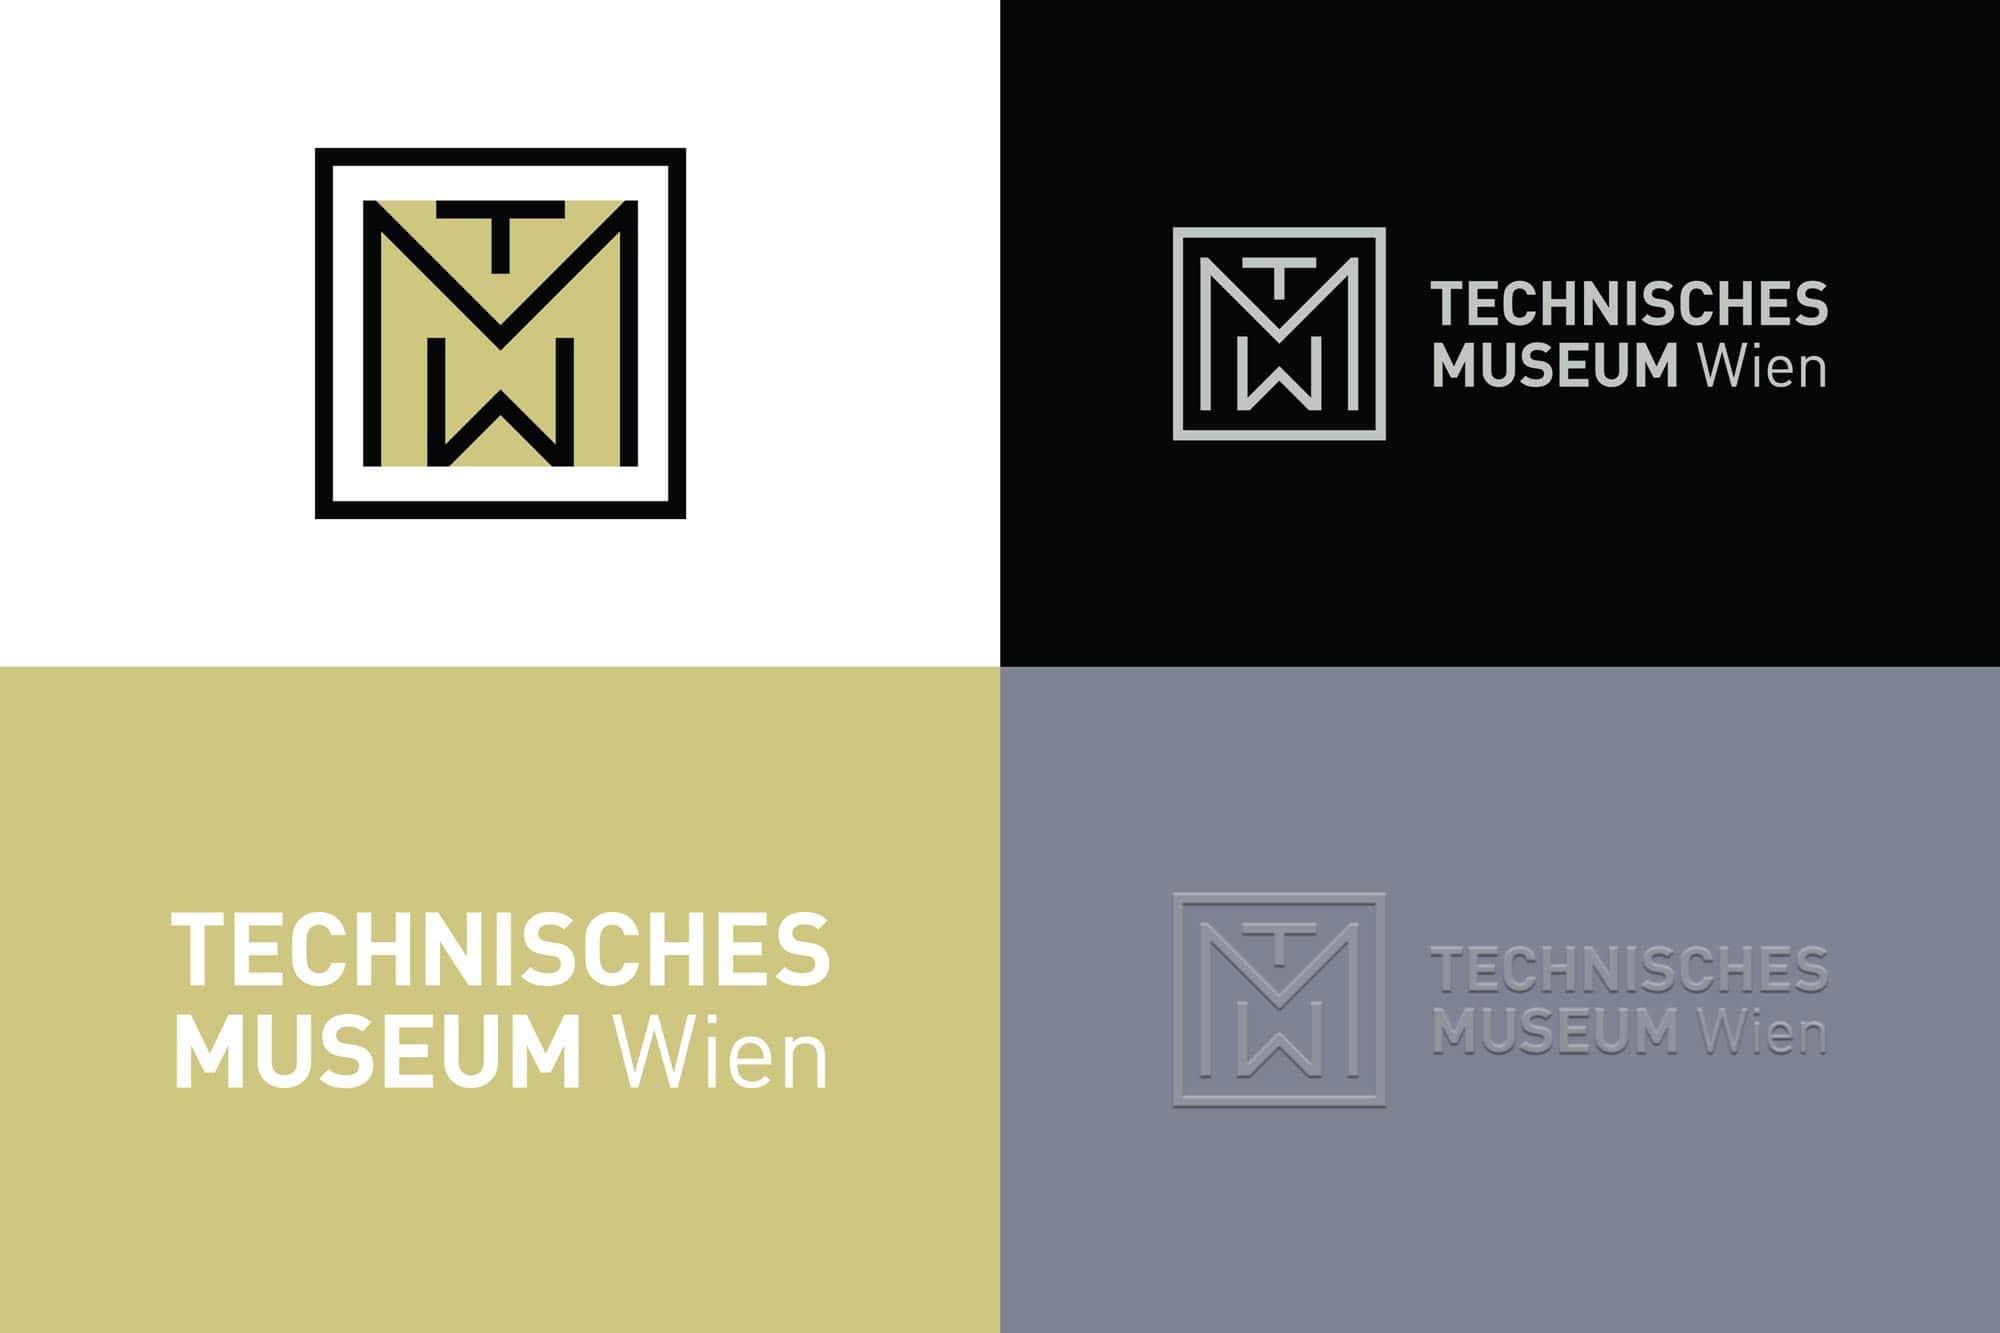 dallas graphic design agency